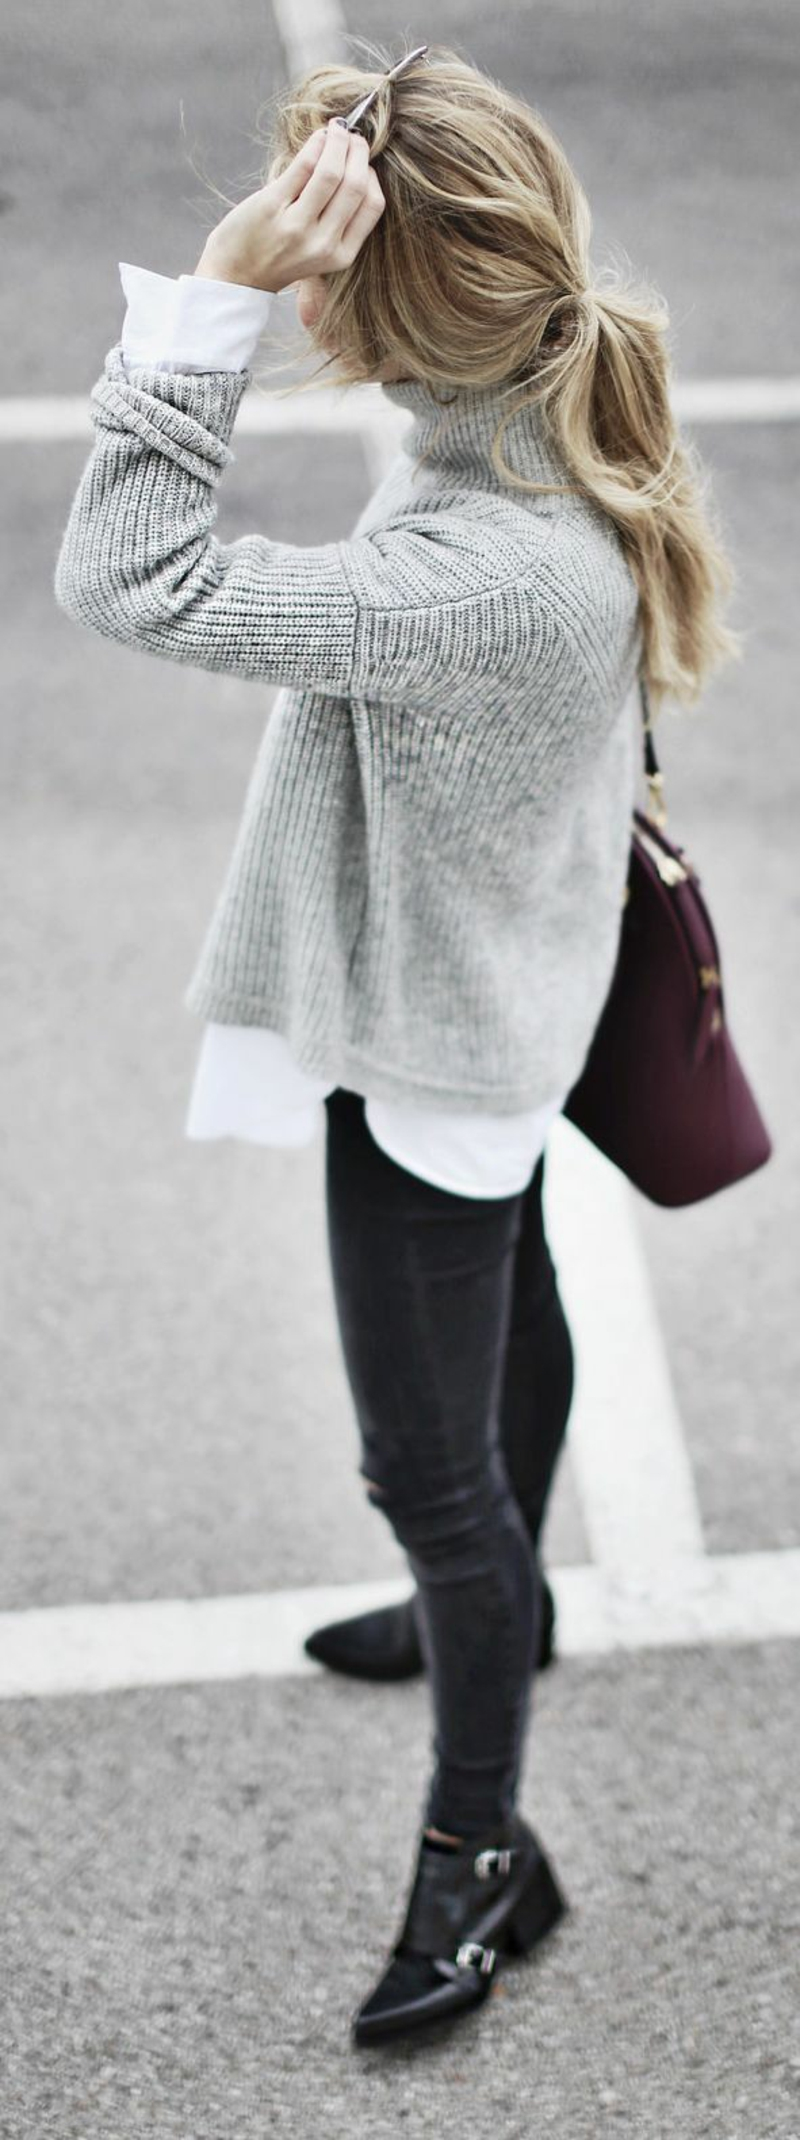 Longpullover Damen weißer Hemd Modetrends